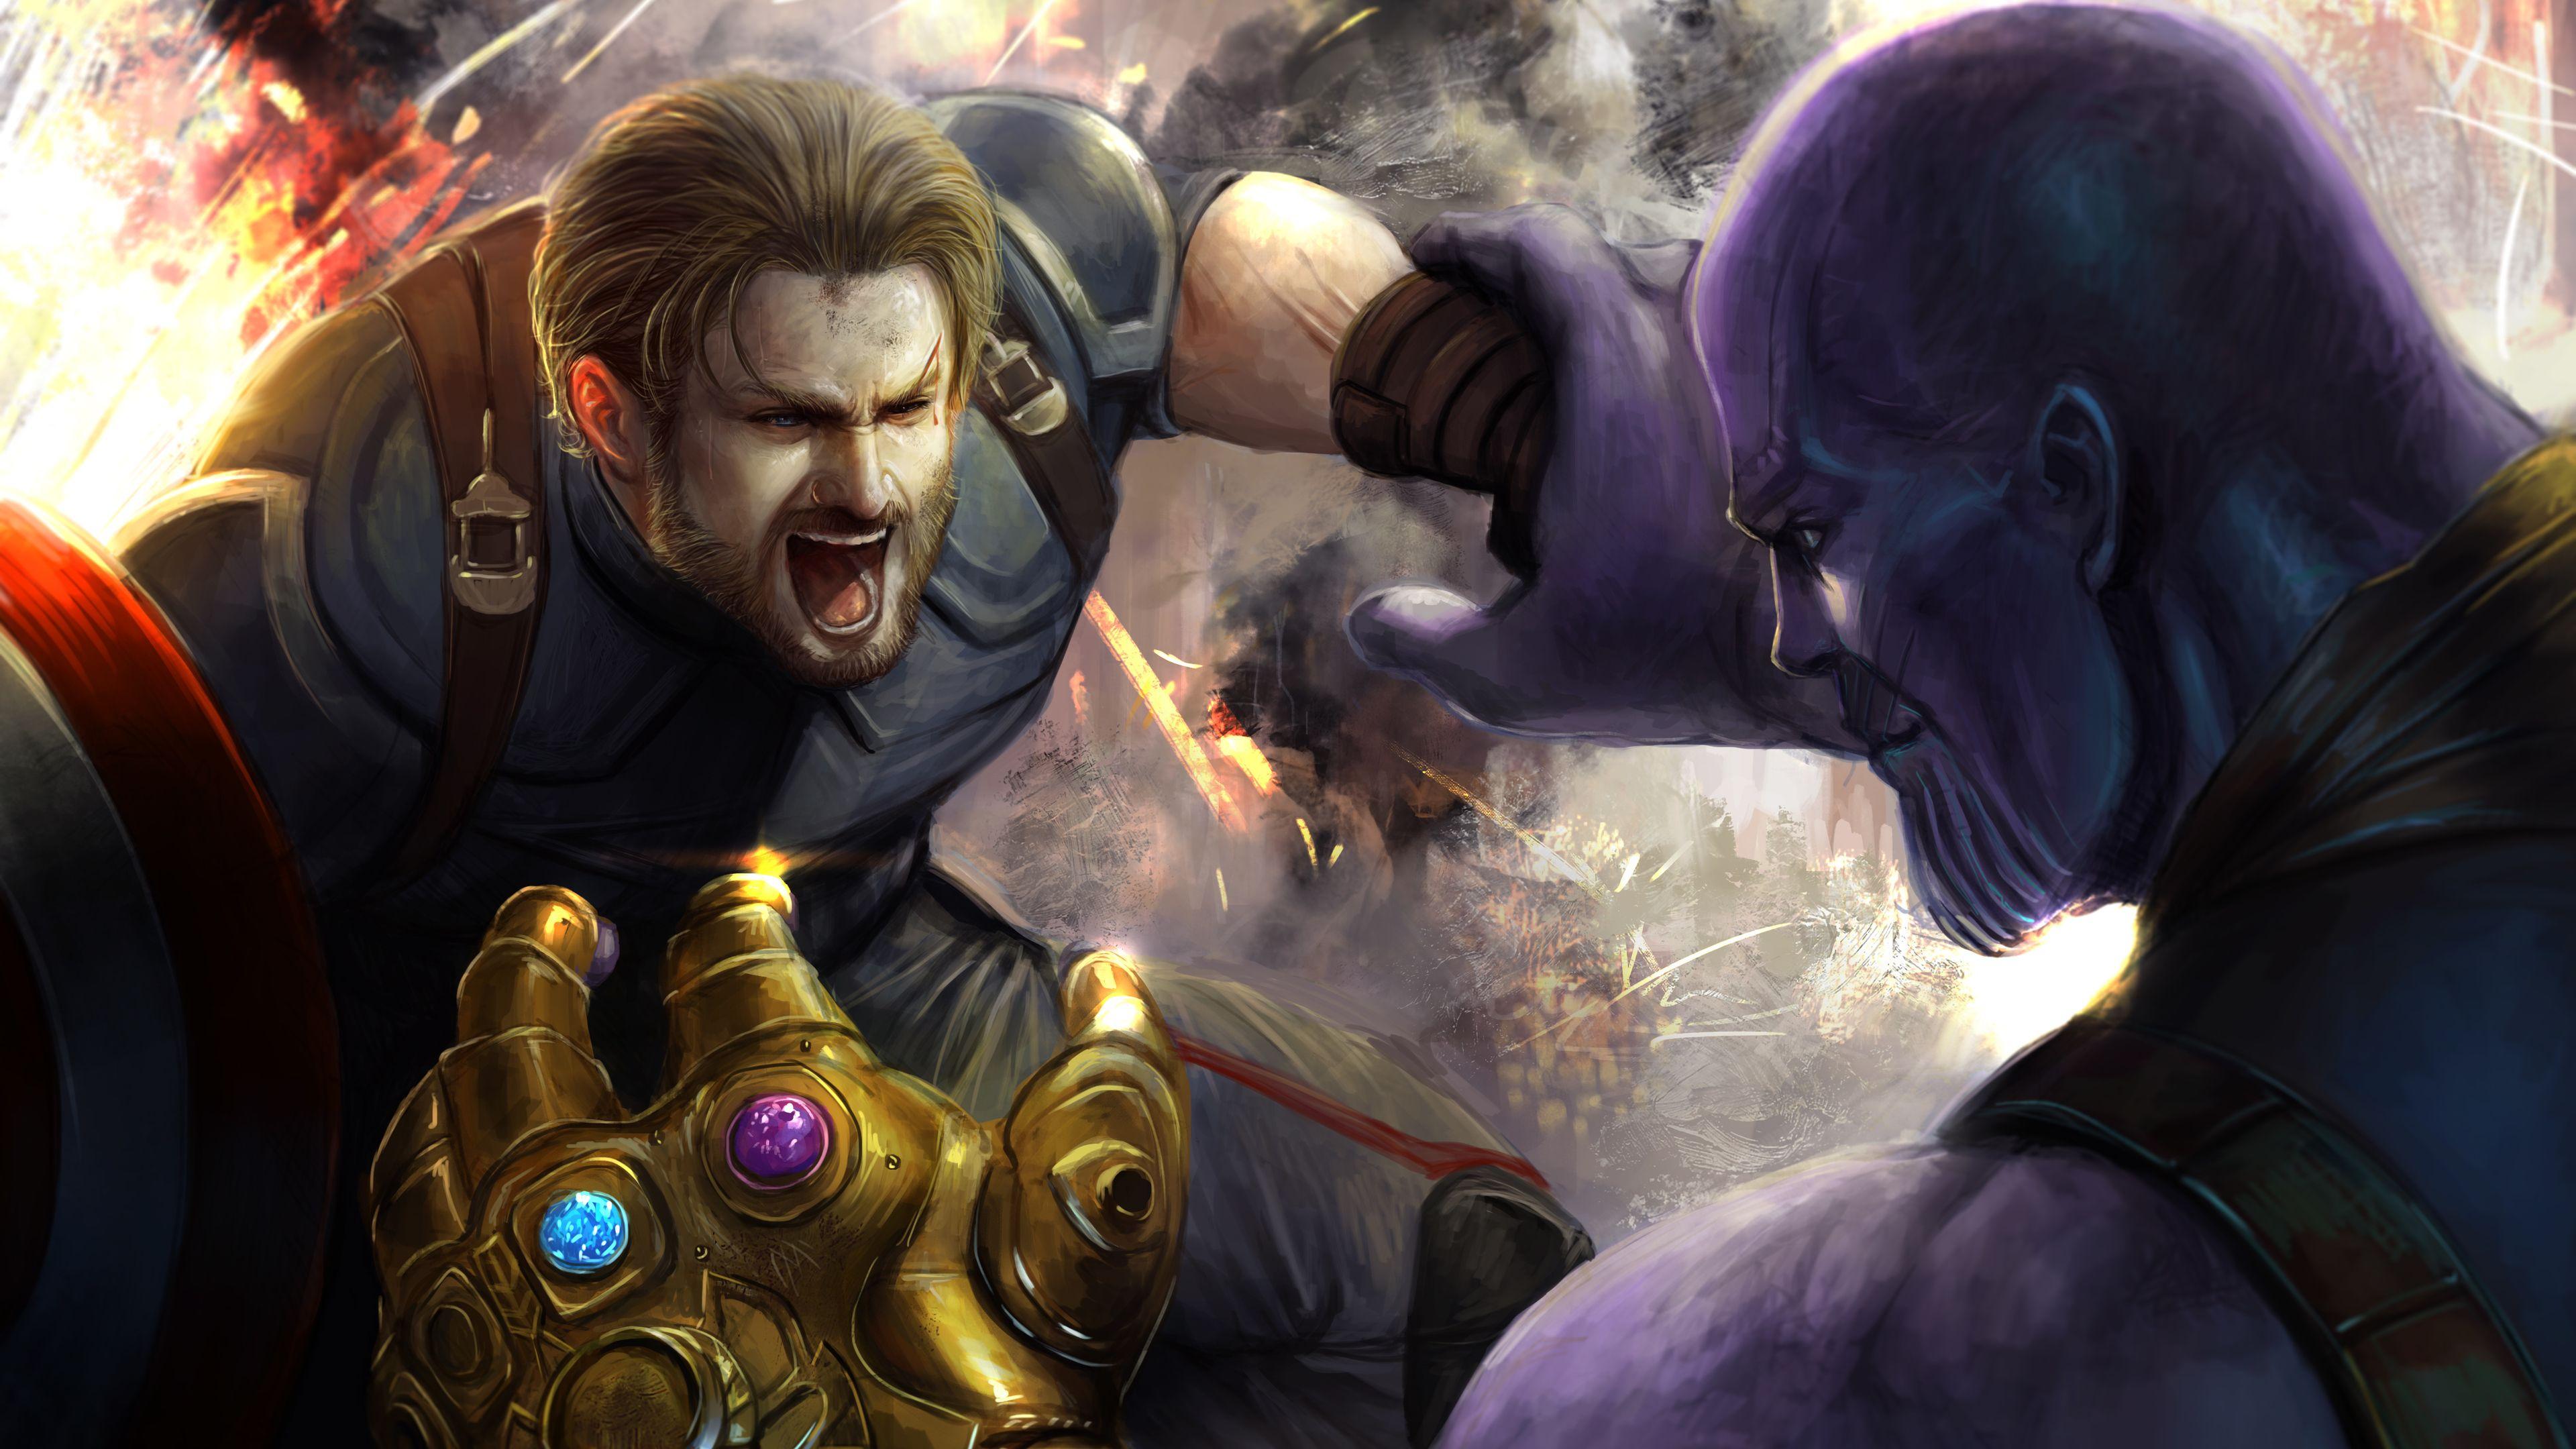 Captain Vs Thanos Art 4k Thanos Wallpapers Superheroes Wallpapers Hd Wallpapers Digital Art Wal Avengers Pictures Captain America Wallpaper Avengers Fan Art